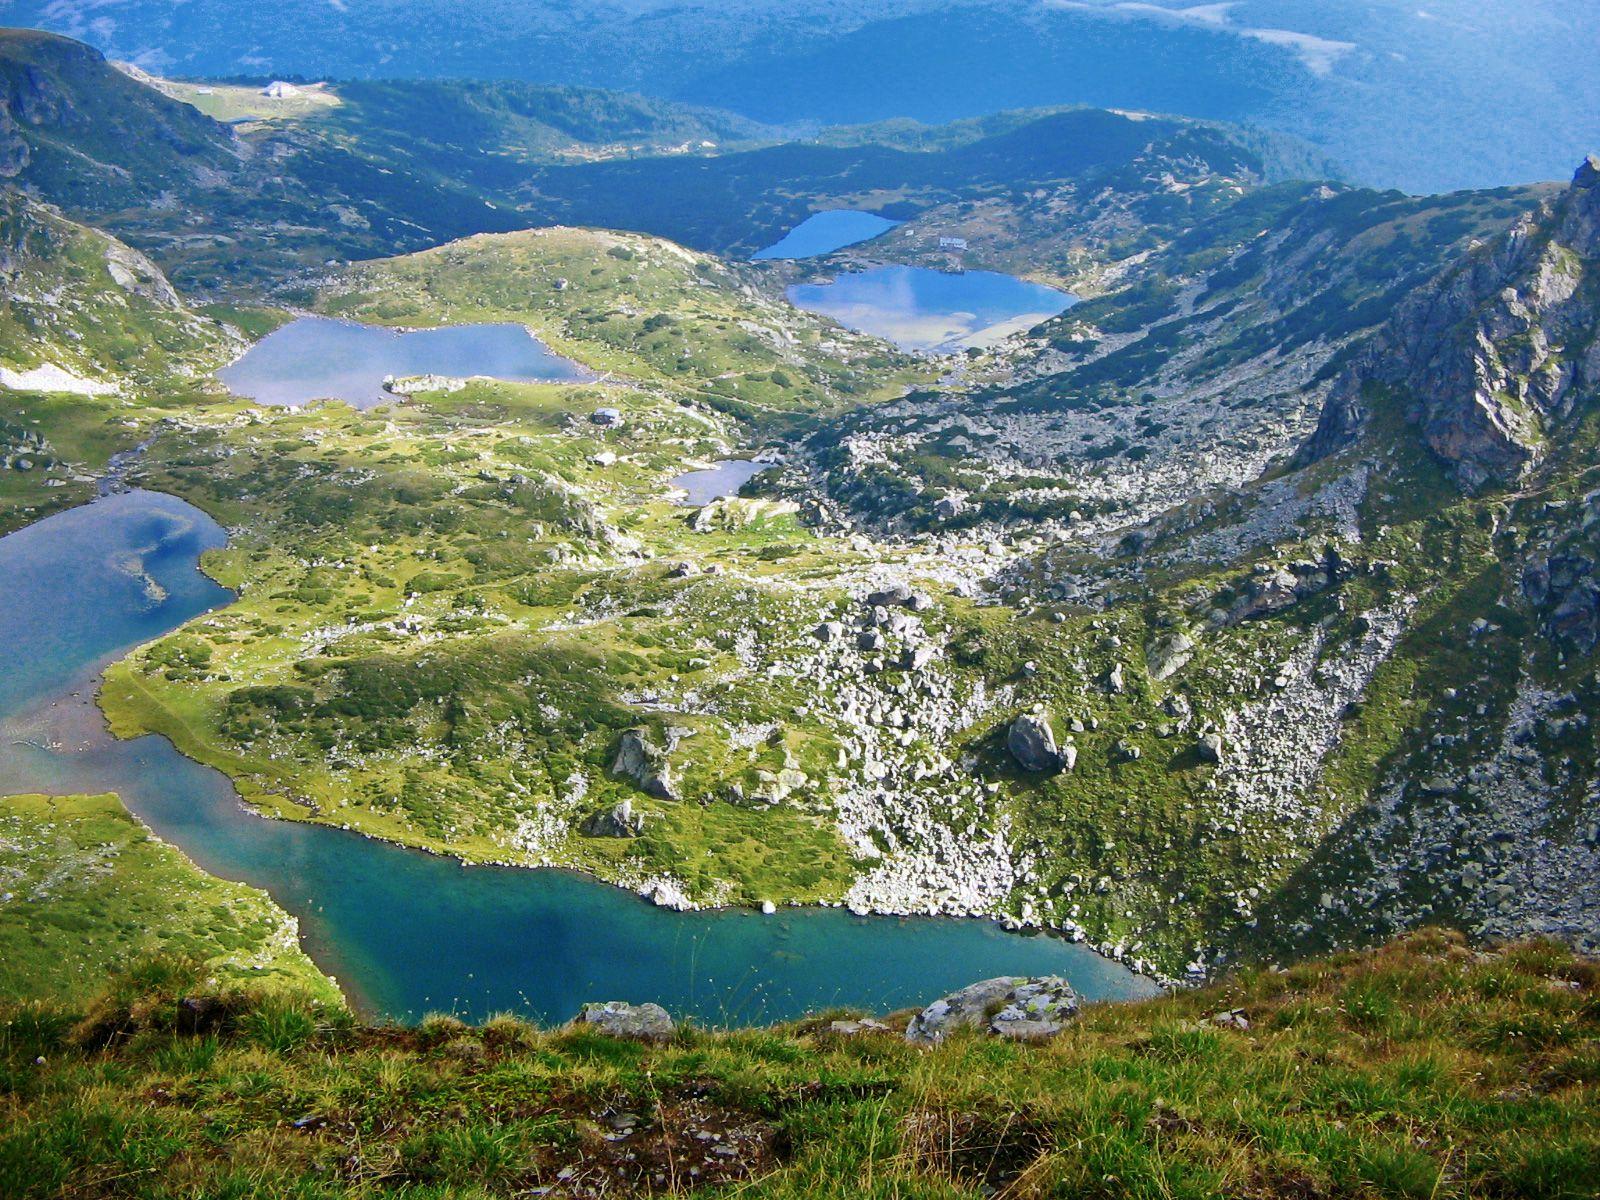 معلومات عن جبال ريلا